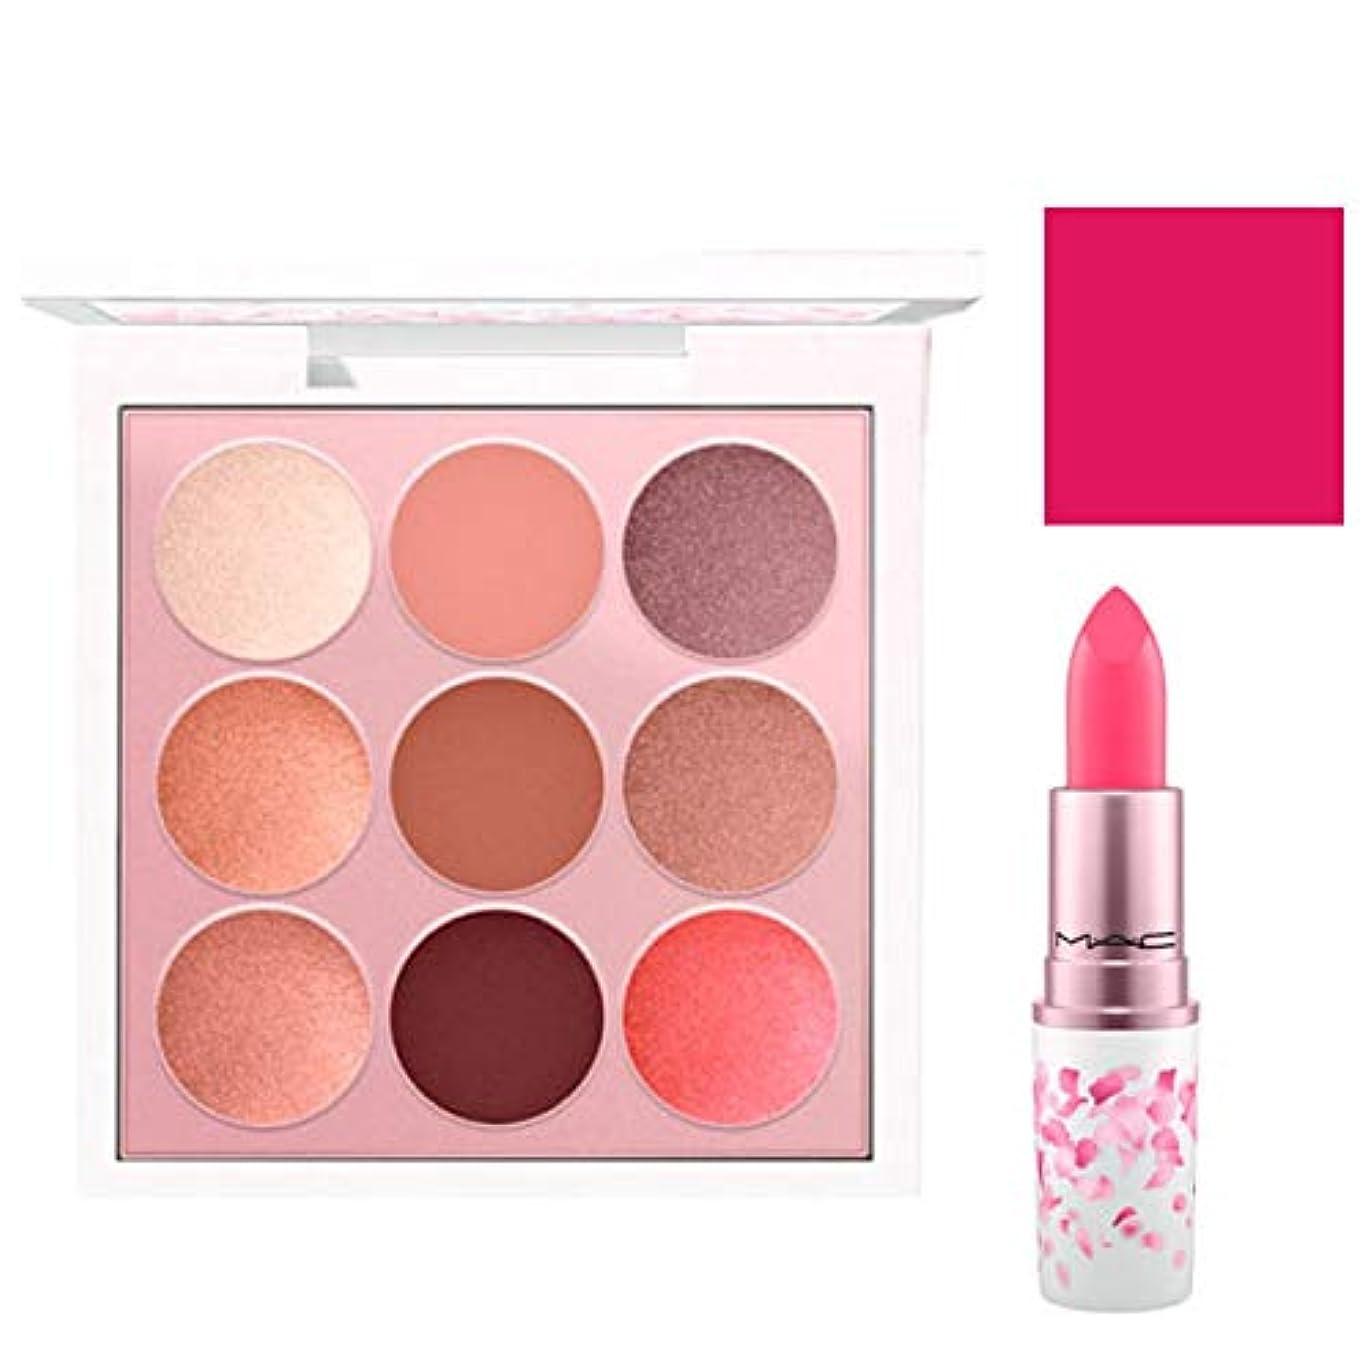 センチメートル期限想定するM.A.C 限定版, Boom, Boom, Bloom EyeShadow & Lipstick (Kabuki Doll Palette & Tsk Tsk!) [海外直送品] [並行輸入品]